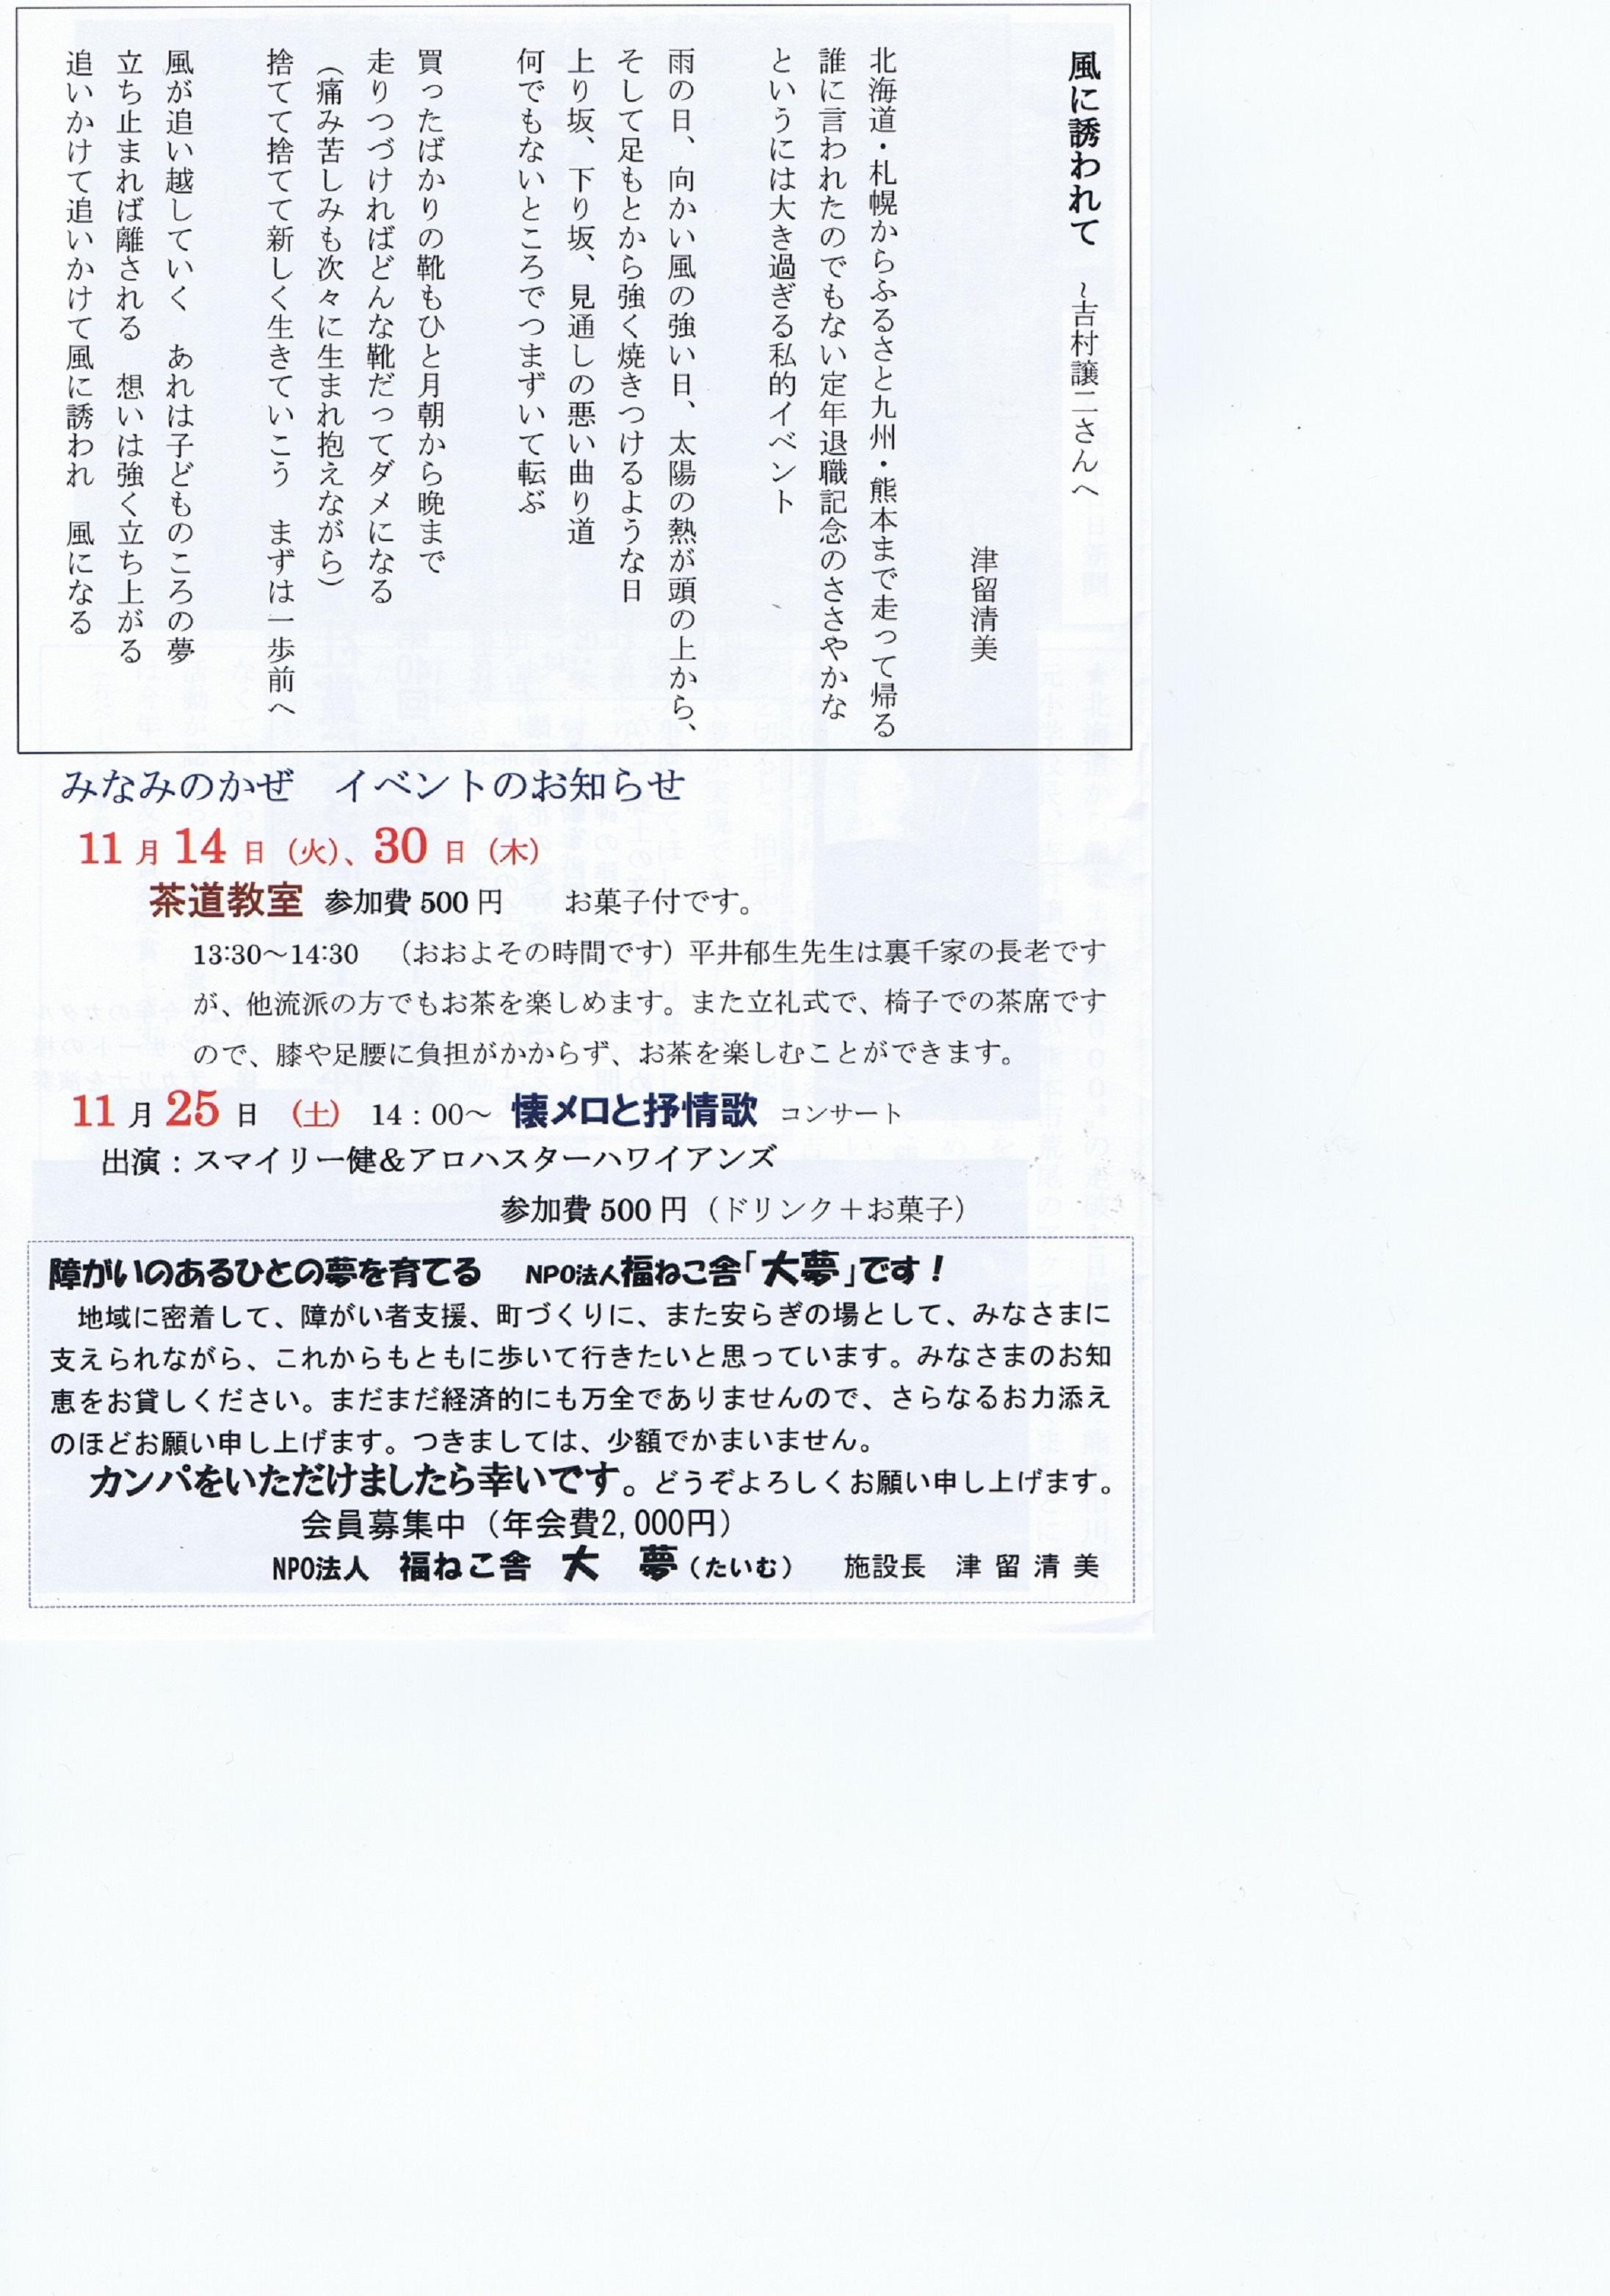 吉村さんのこと.jpg